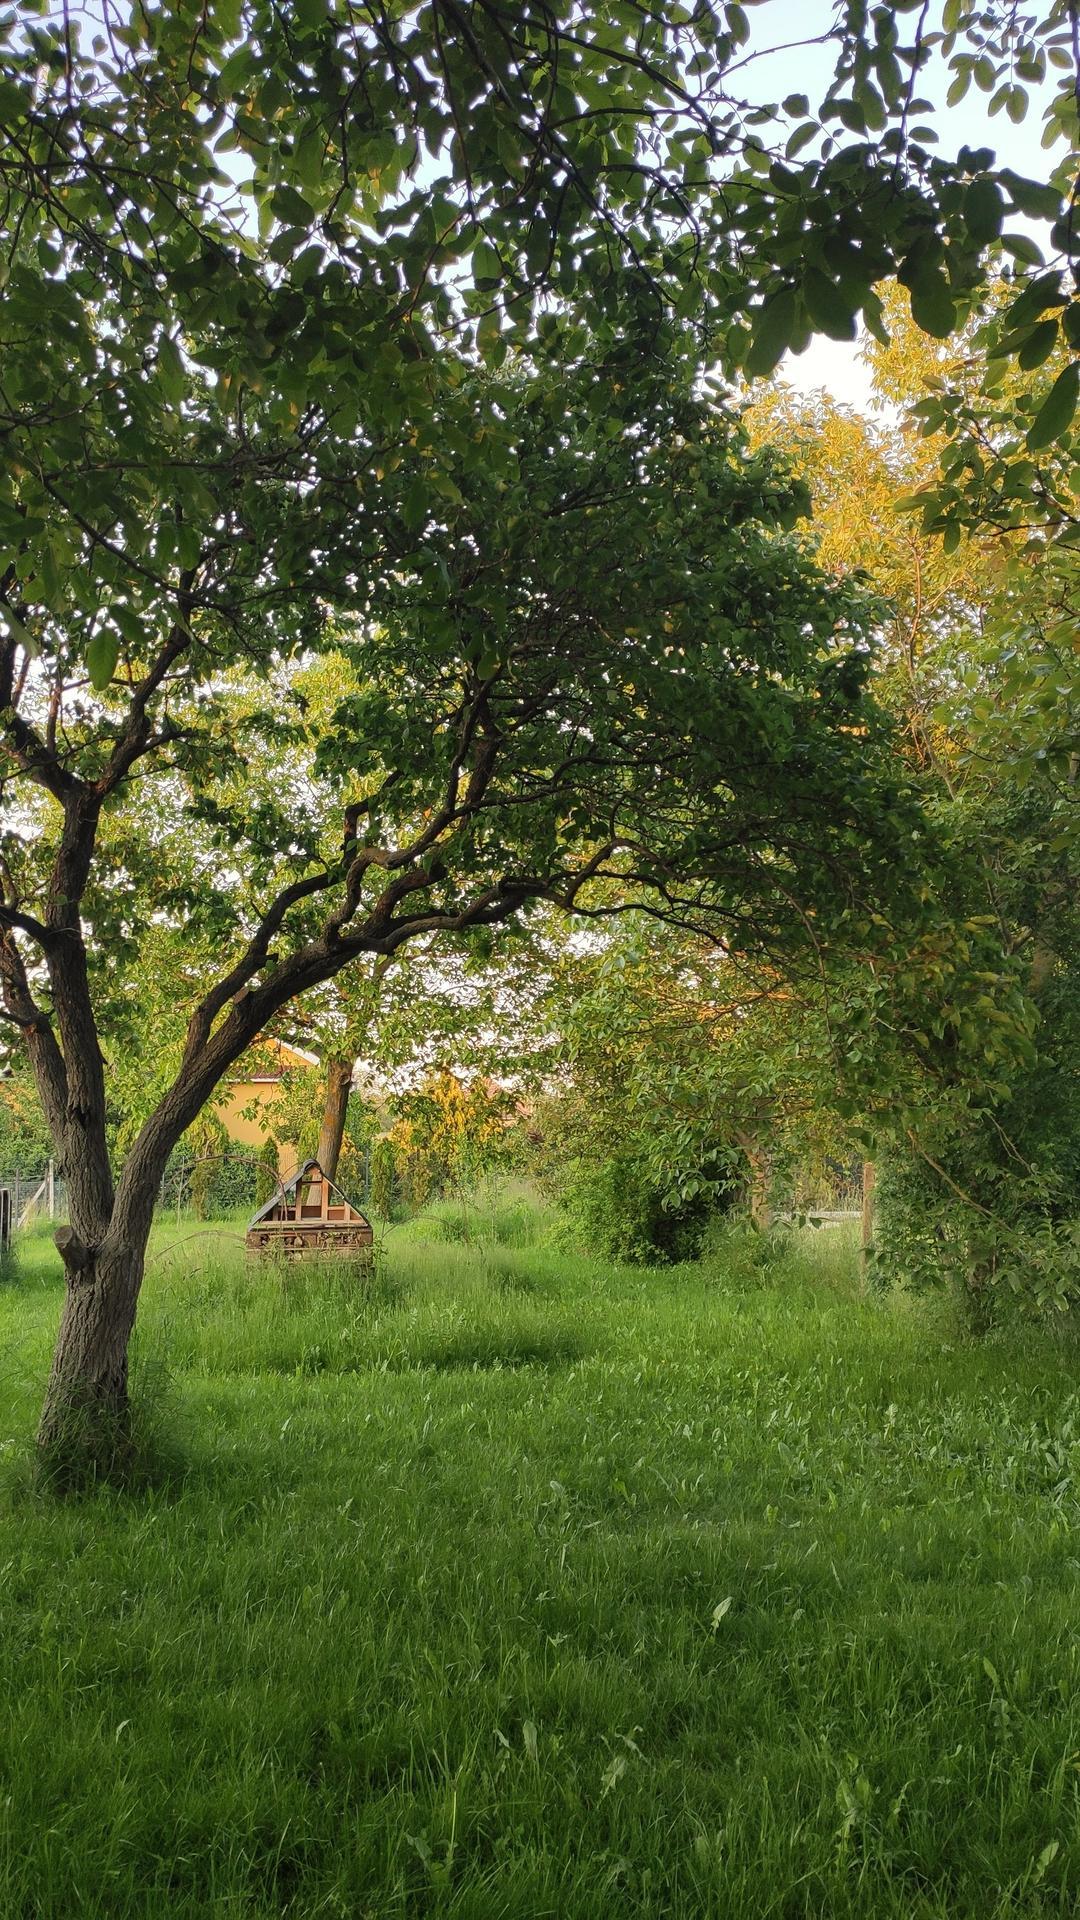 Vyvýšené záhony a úžitková záhrada - sezóna 2021 ... príprava, sadenie, starostlivosť - Obrázok č. 56